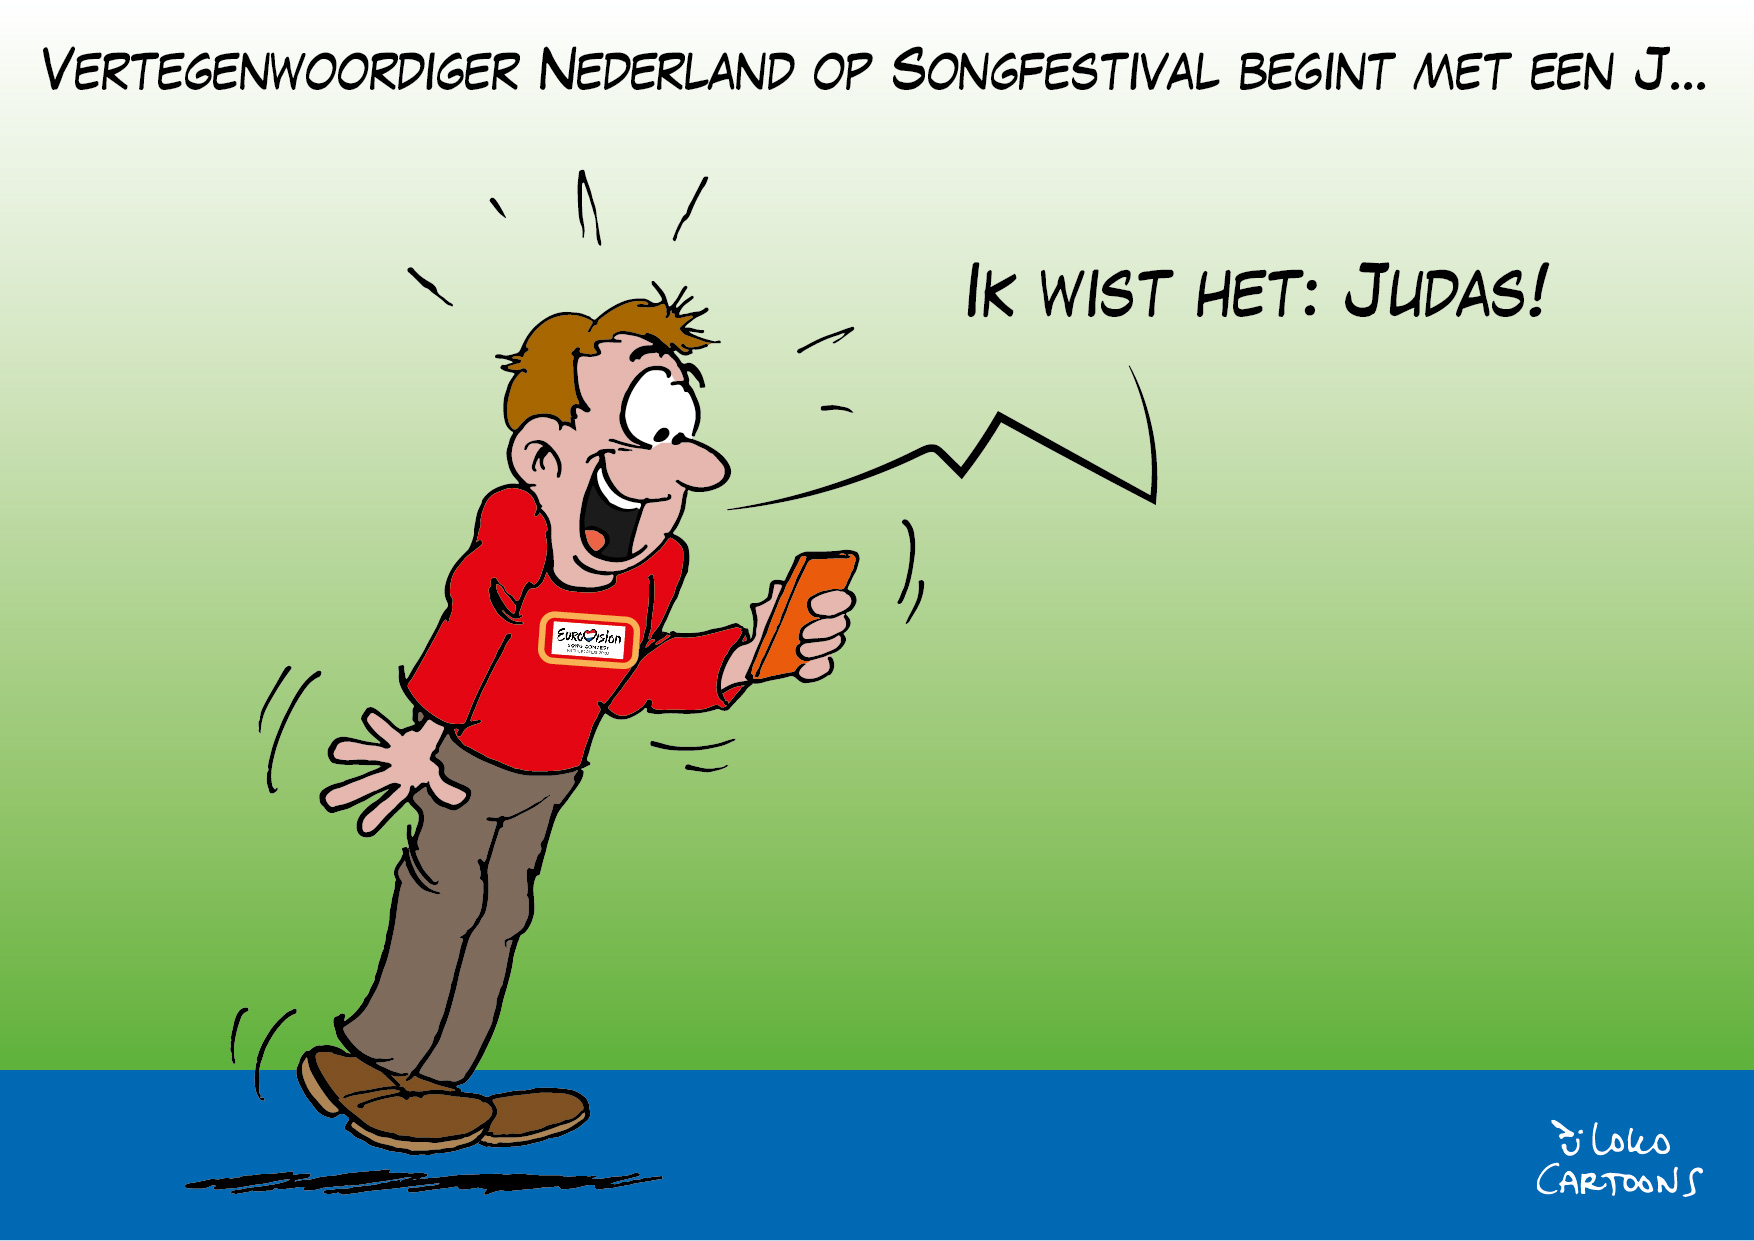 Vertegenwoordiger Nederland op Somgfestival begint met een J